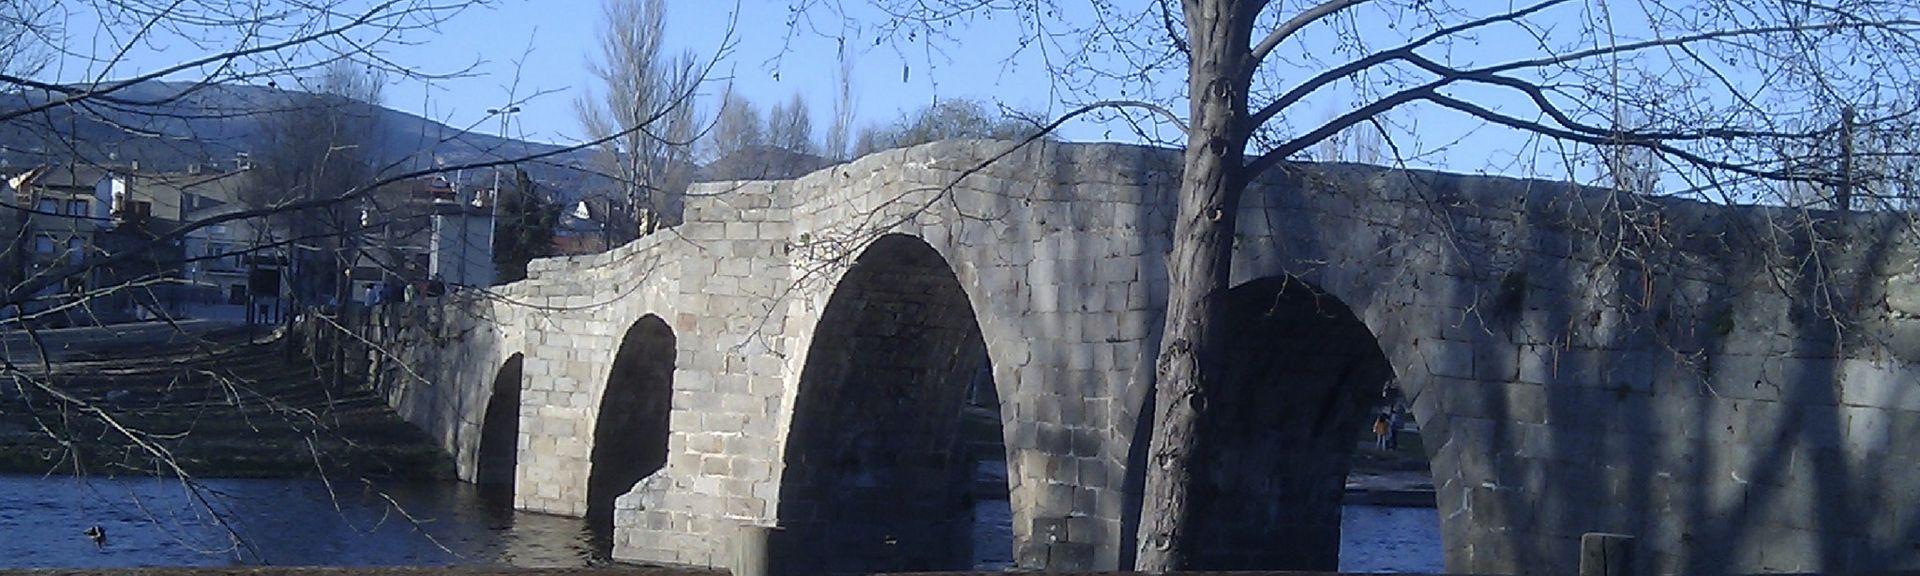 Villanueva de Ávila, Castilla y León, España